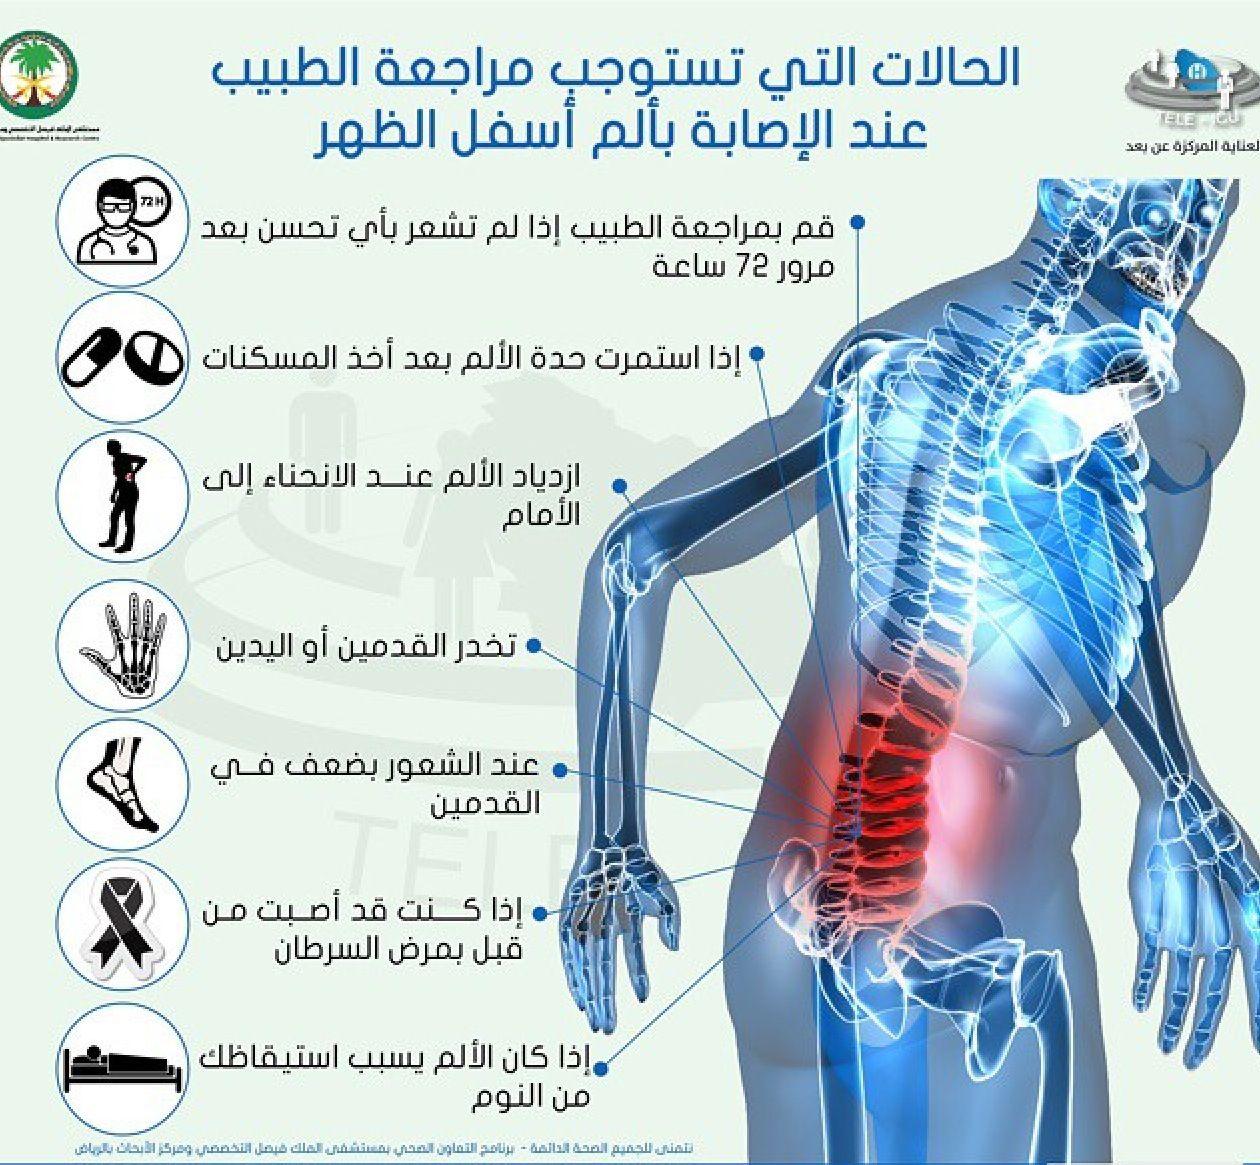 الحالات التي تستوجب مراجعة الطبيب عند الإصابة بألم أسفل الظهر Health Advice Health Education Health Diet